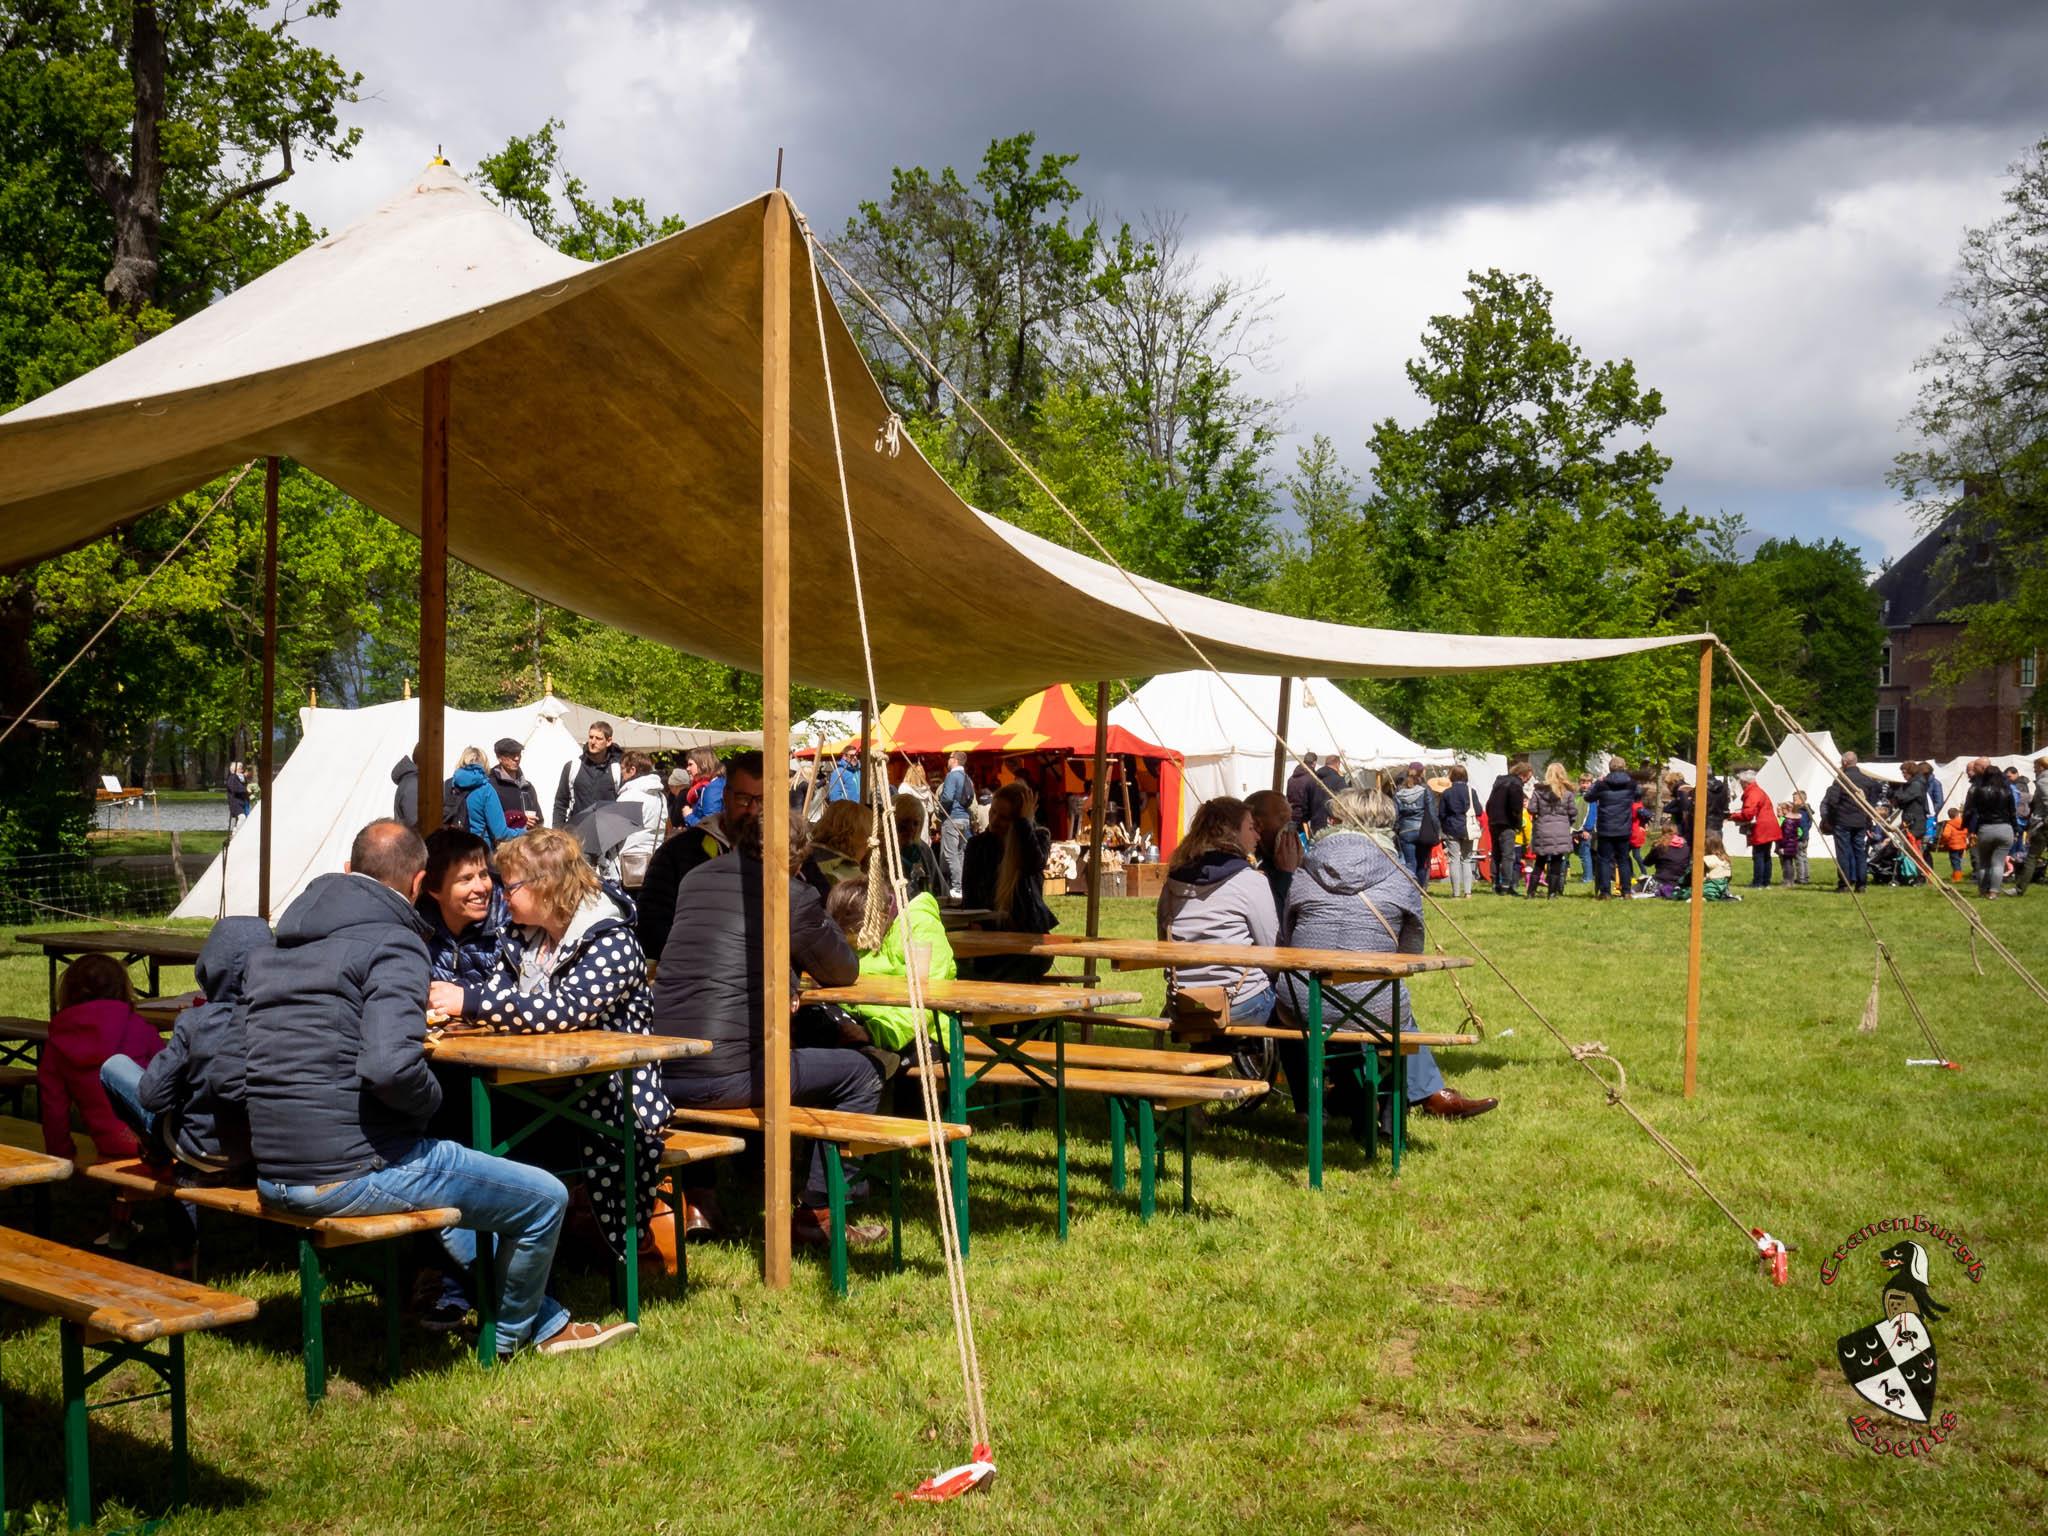 Middeleeuws-Festijn-Cannenburgh-2019-Ellen-la-Faille-28